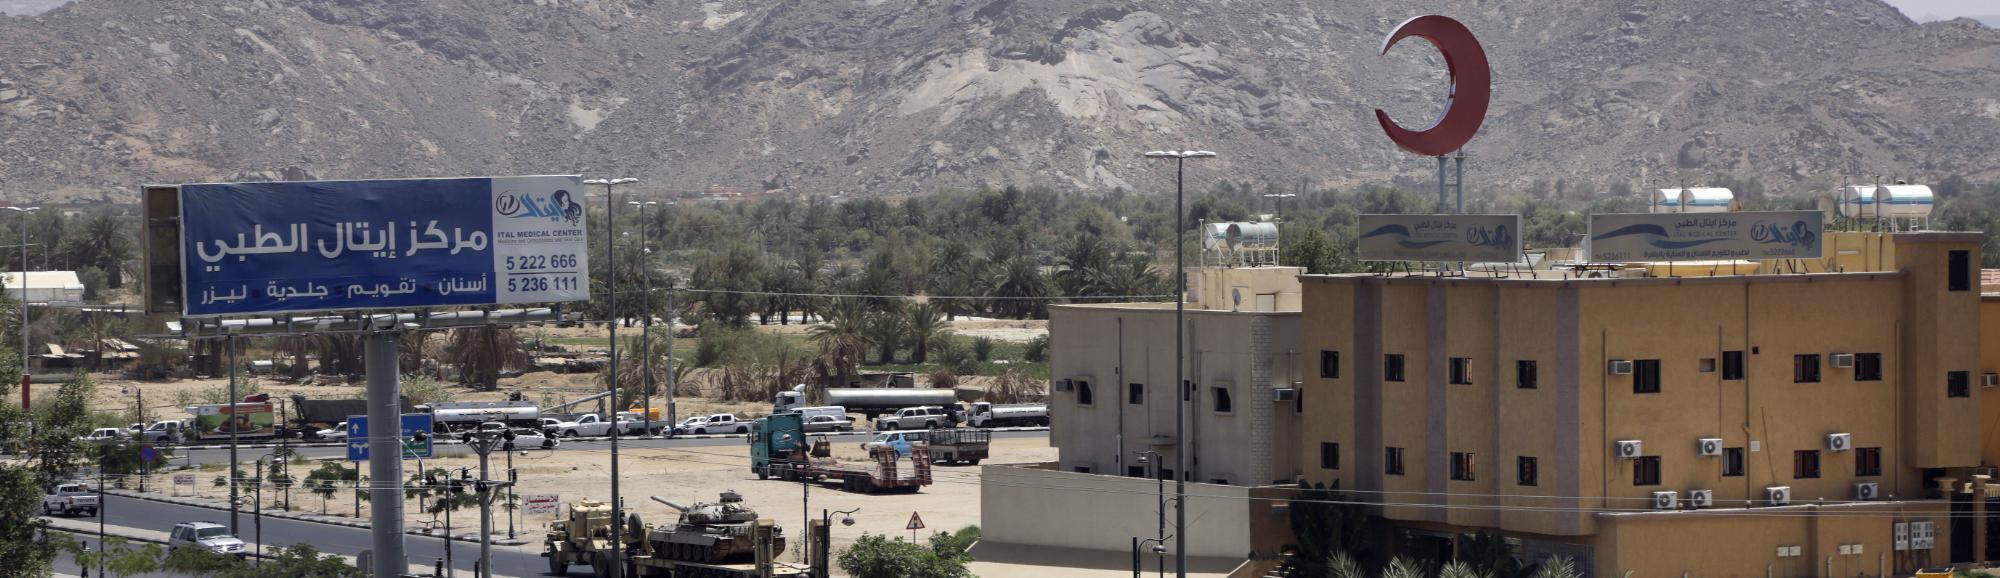 Photo of Saudi Arabia continues to bomb Yemen